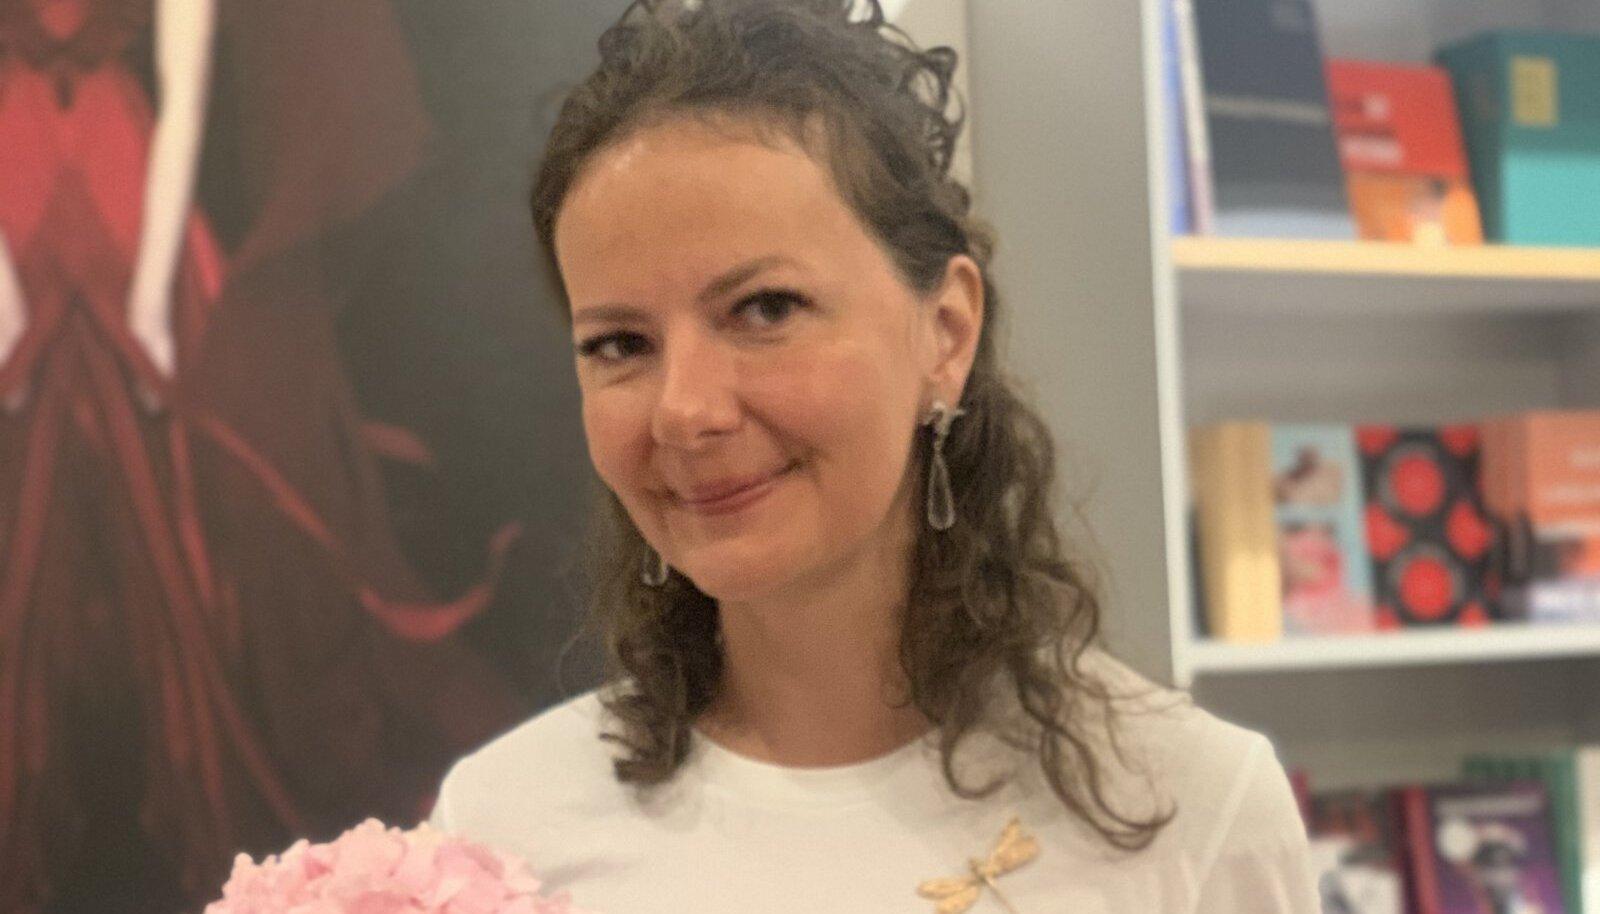 Triin Katariina Tammert